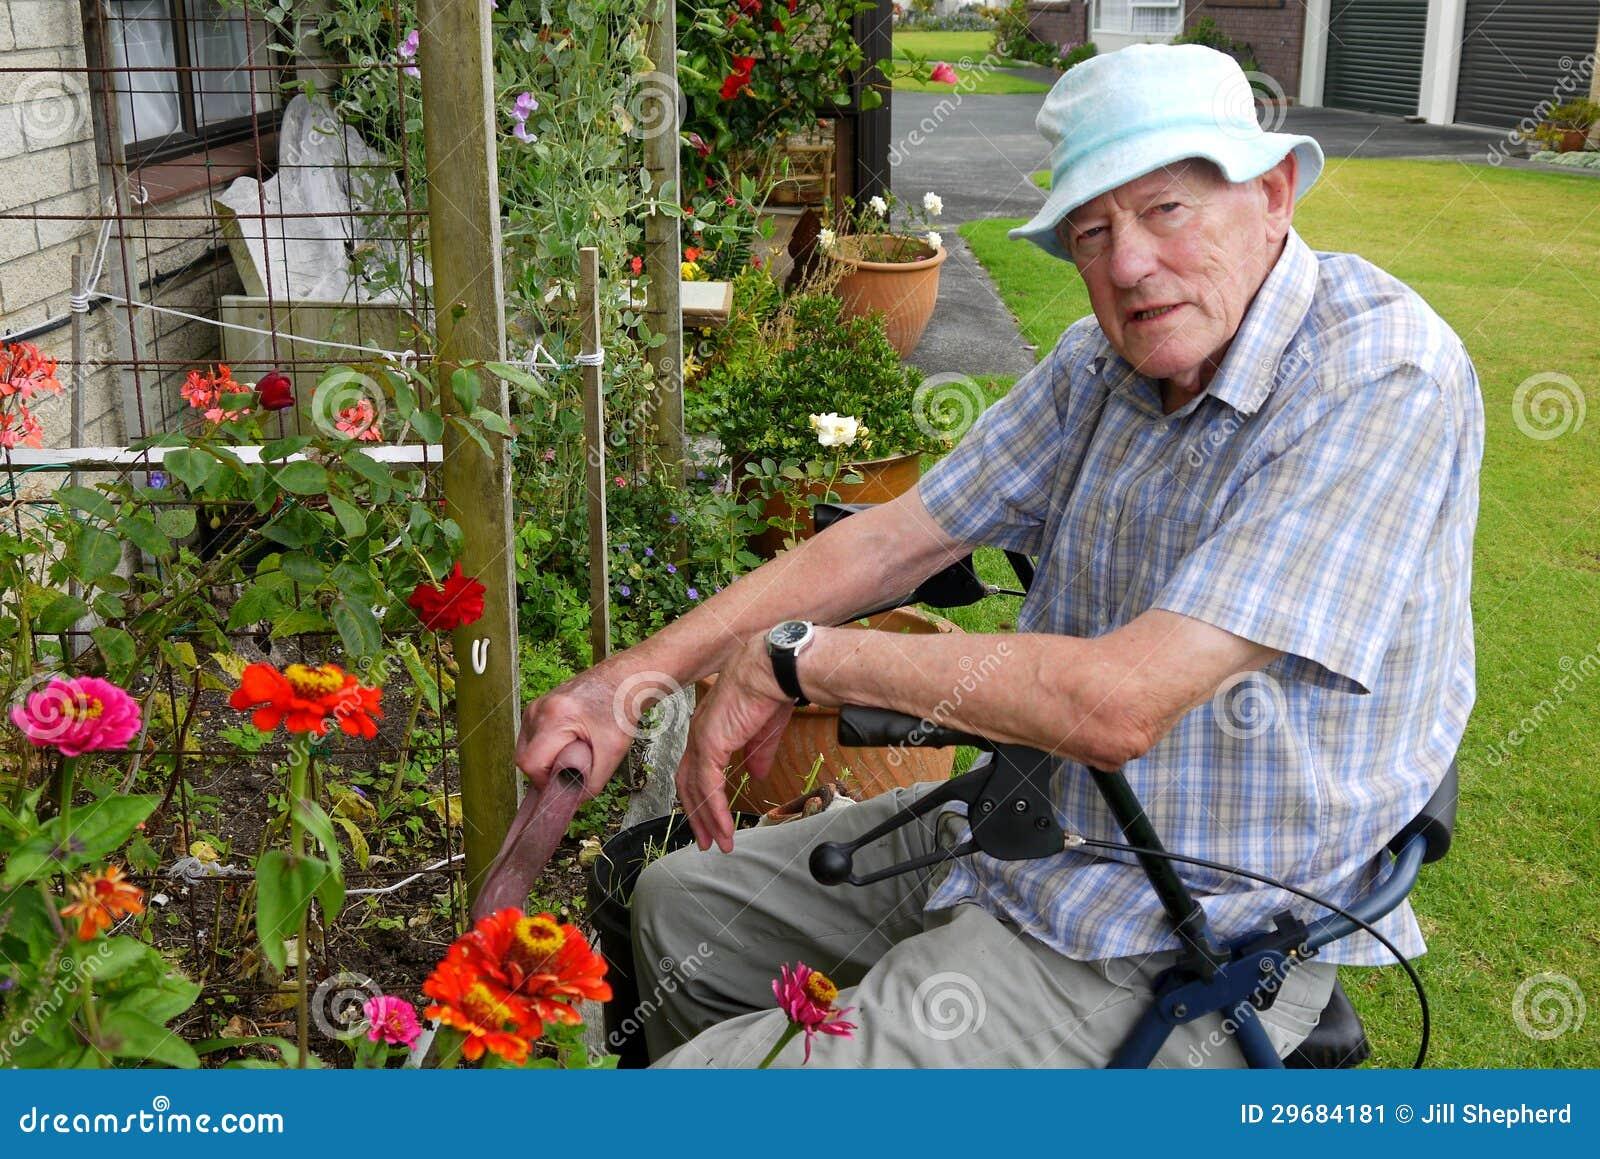 Senior Man Gardening Stock Image Image 29684181